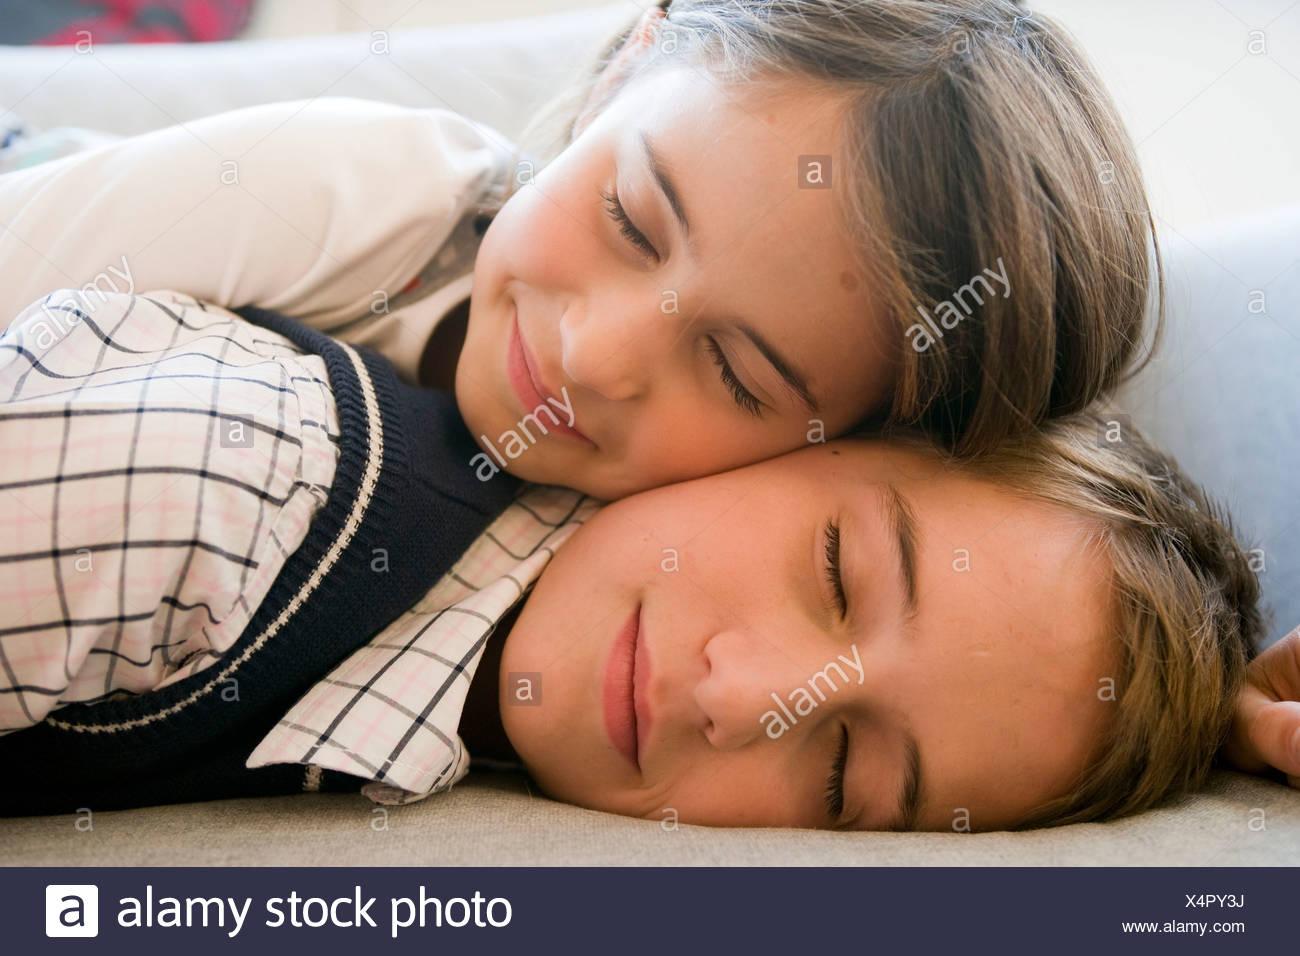 Трахает мать пока та спит русские, Сын трахнул спящую мать Cмотреть бесплатно порно 12 фотография